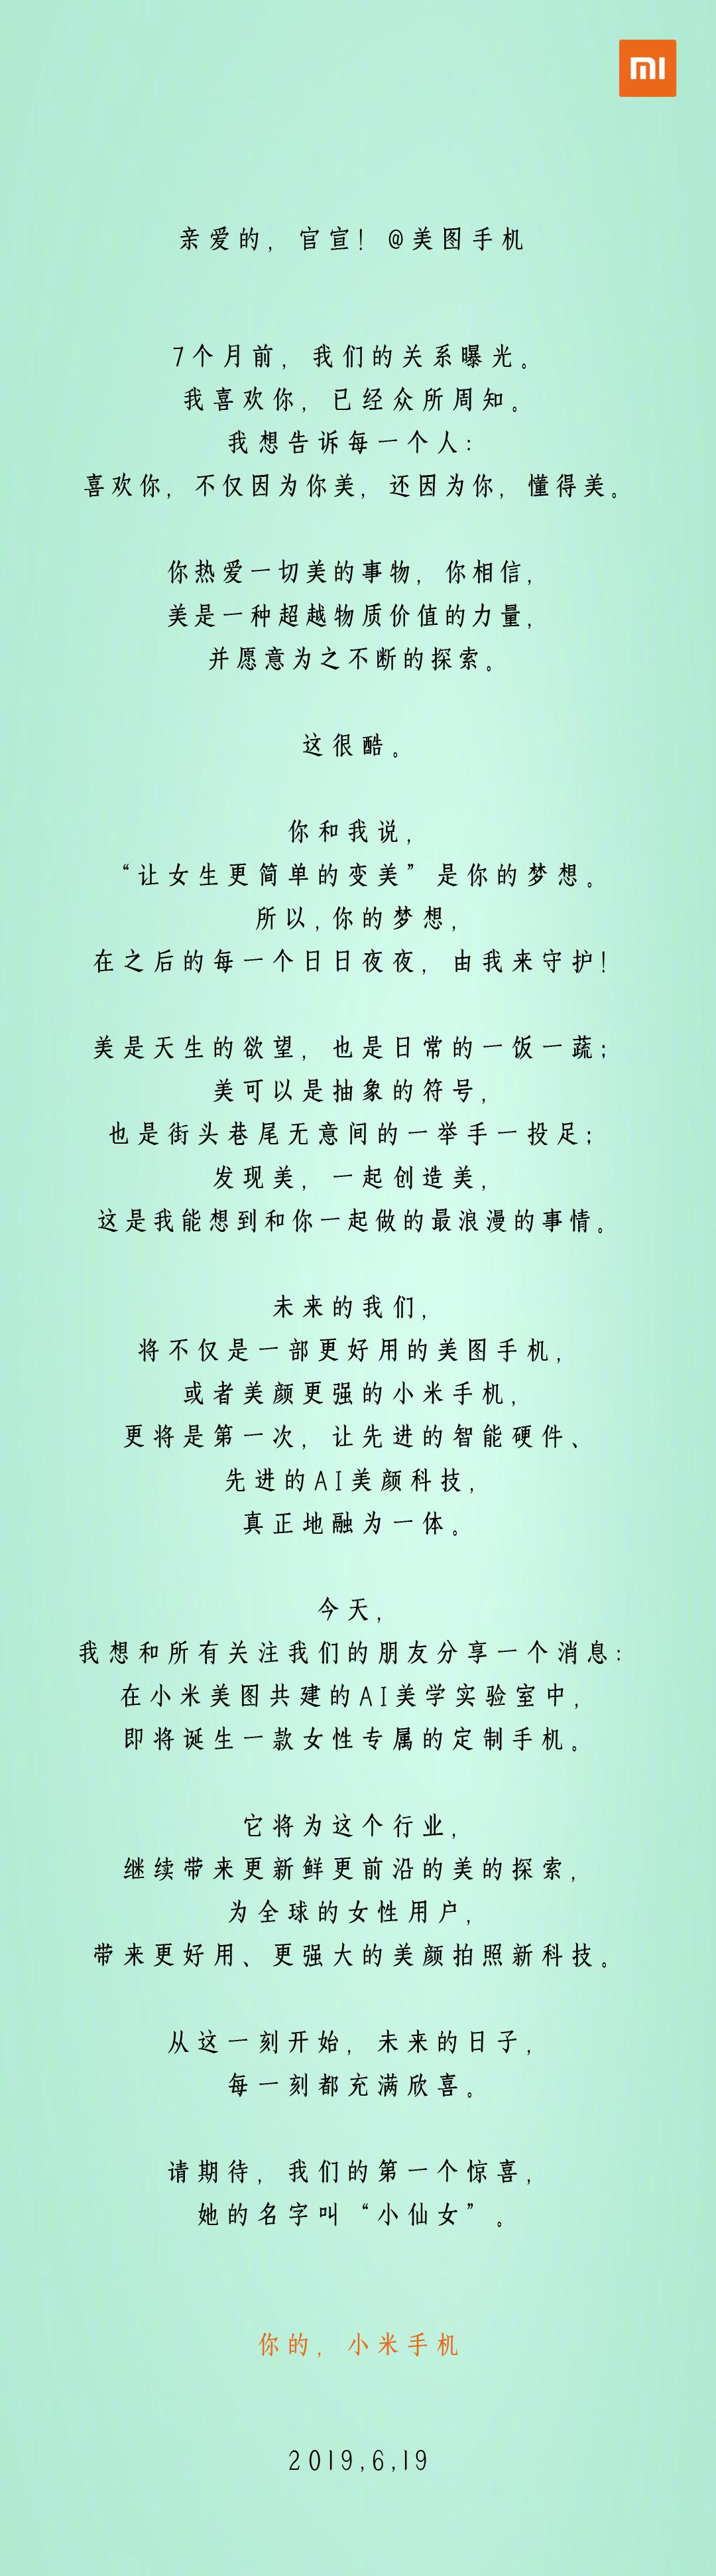 小米美圖手機 官方宣傳文宣